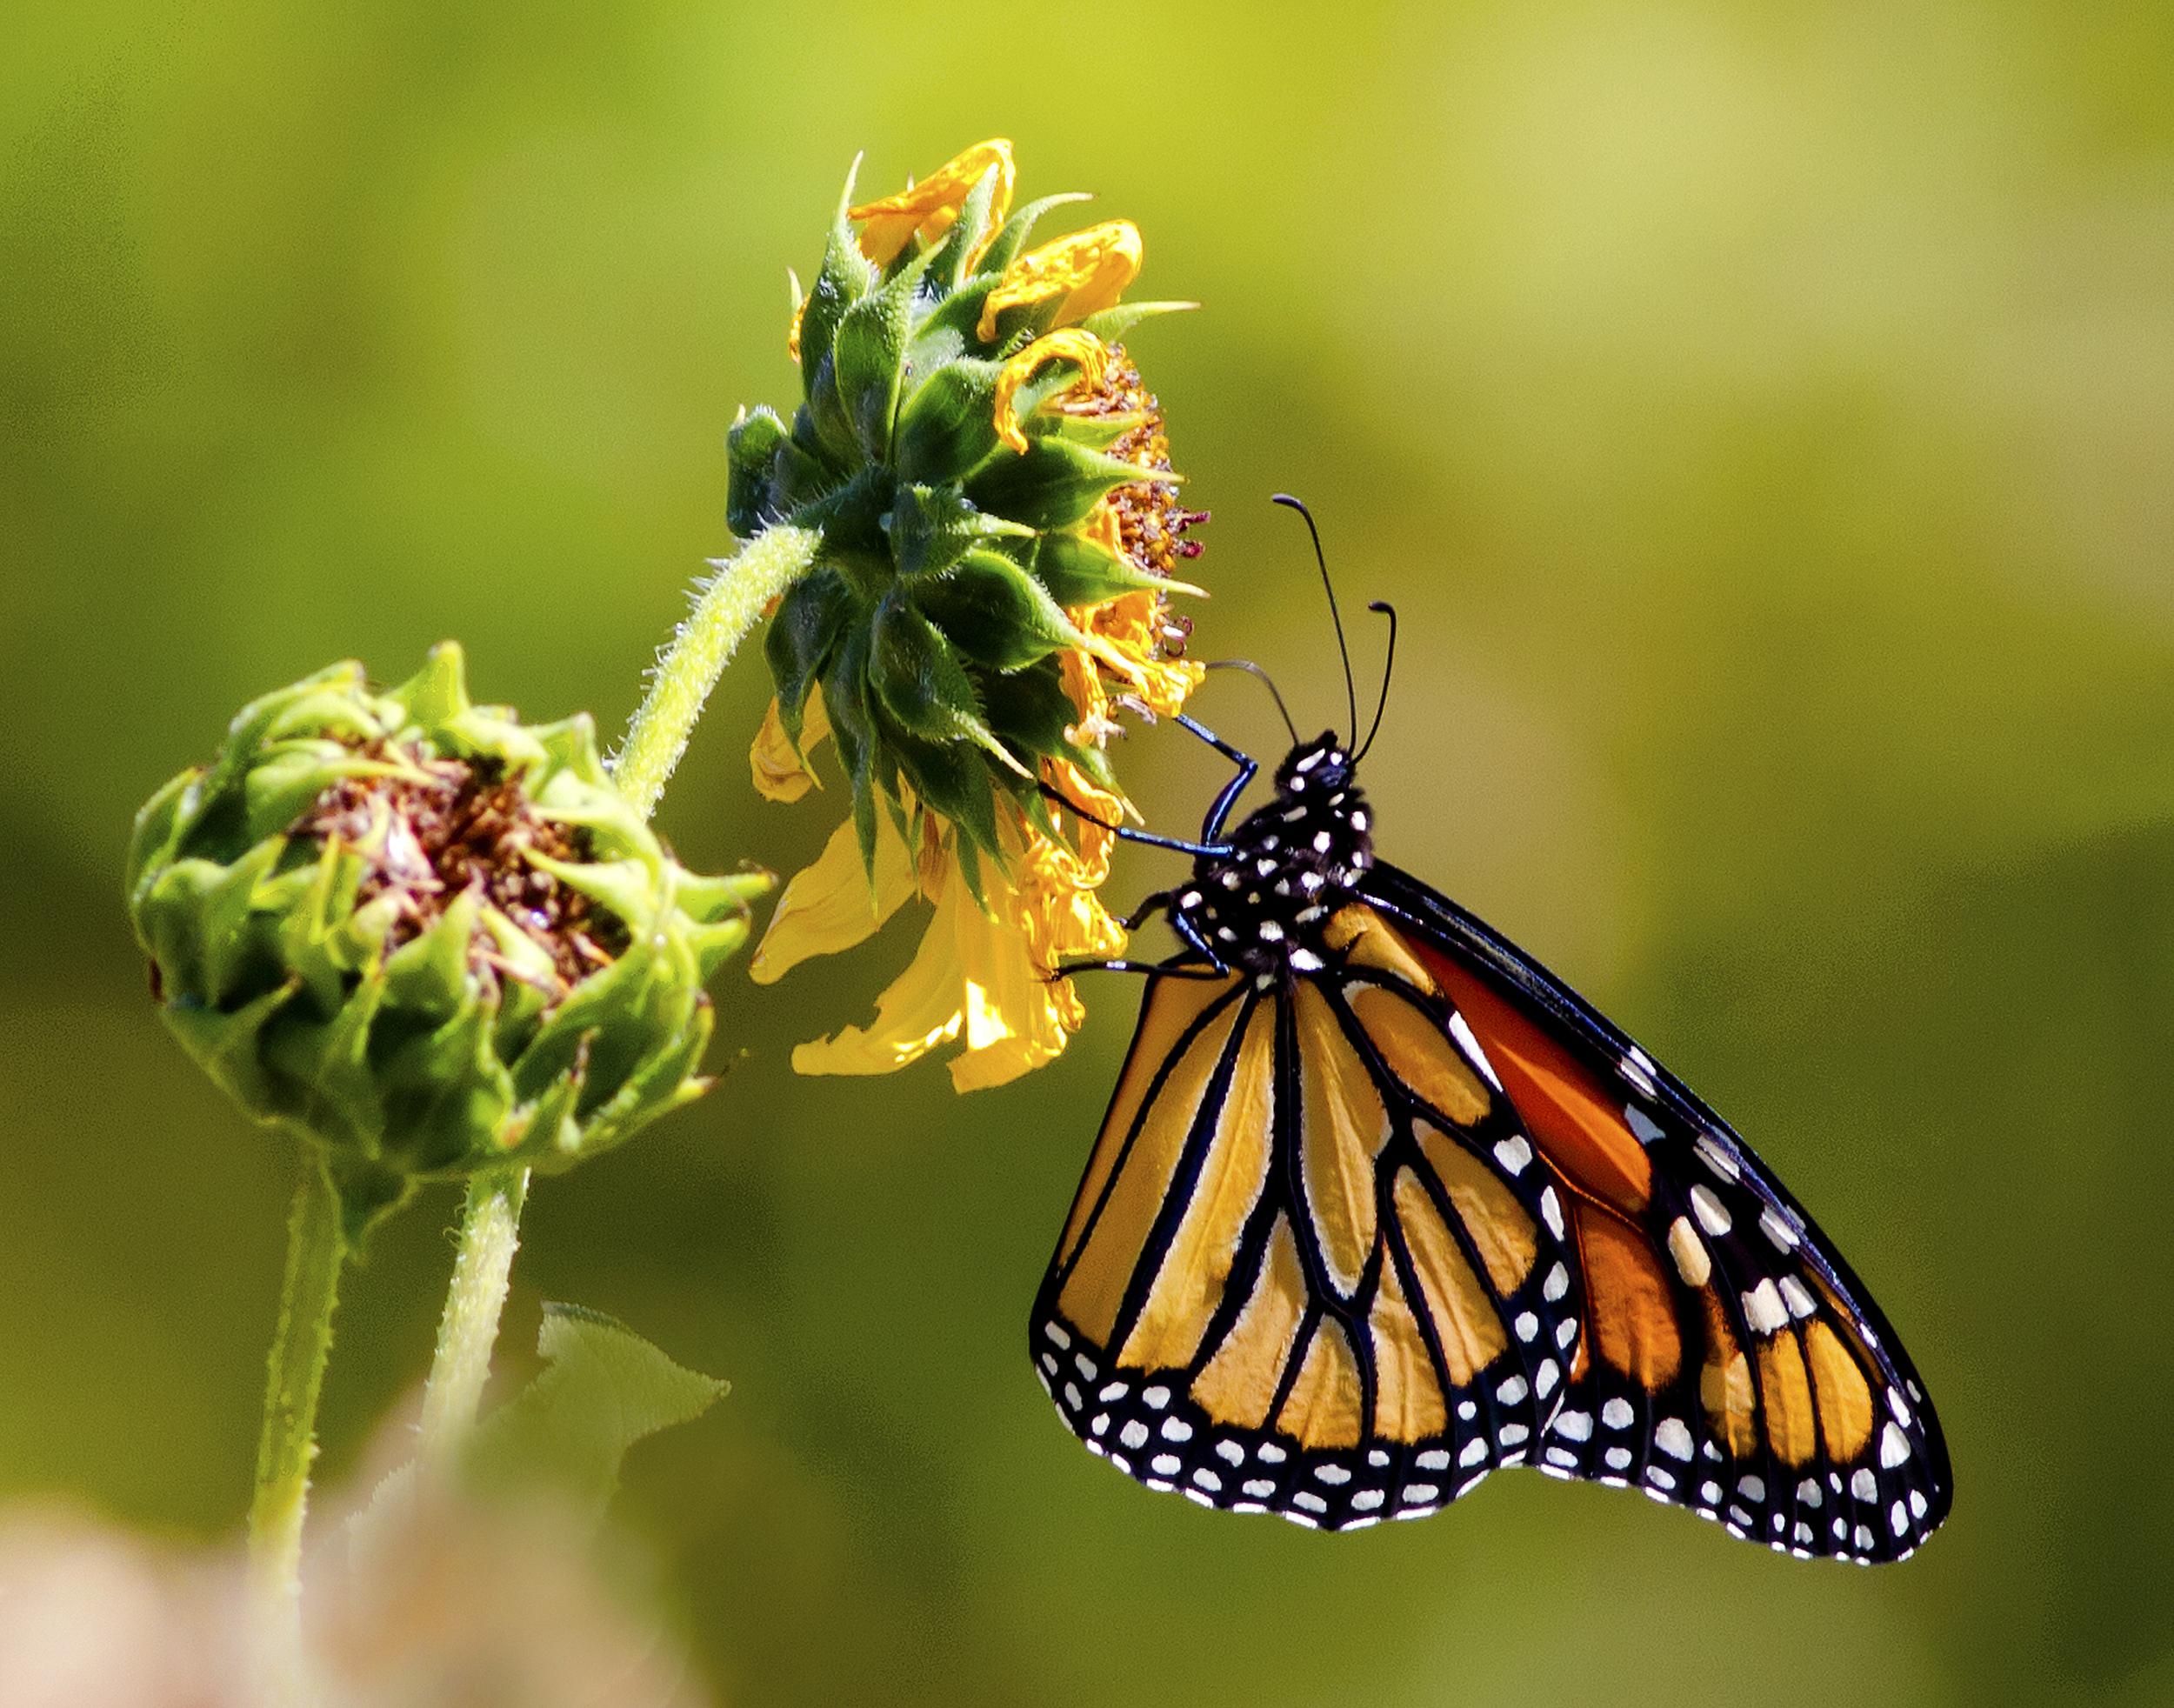 143 - Butterfly